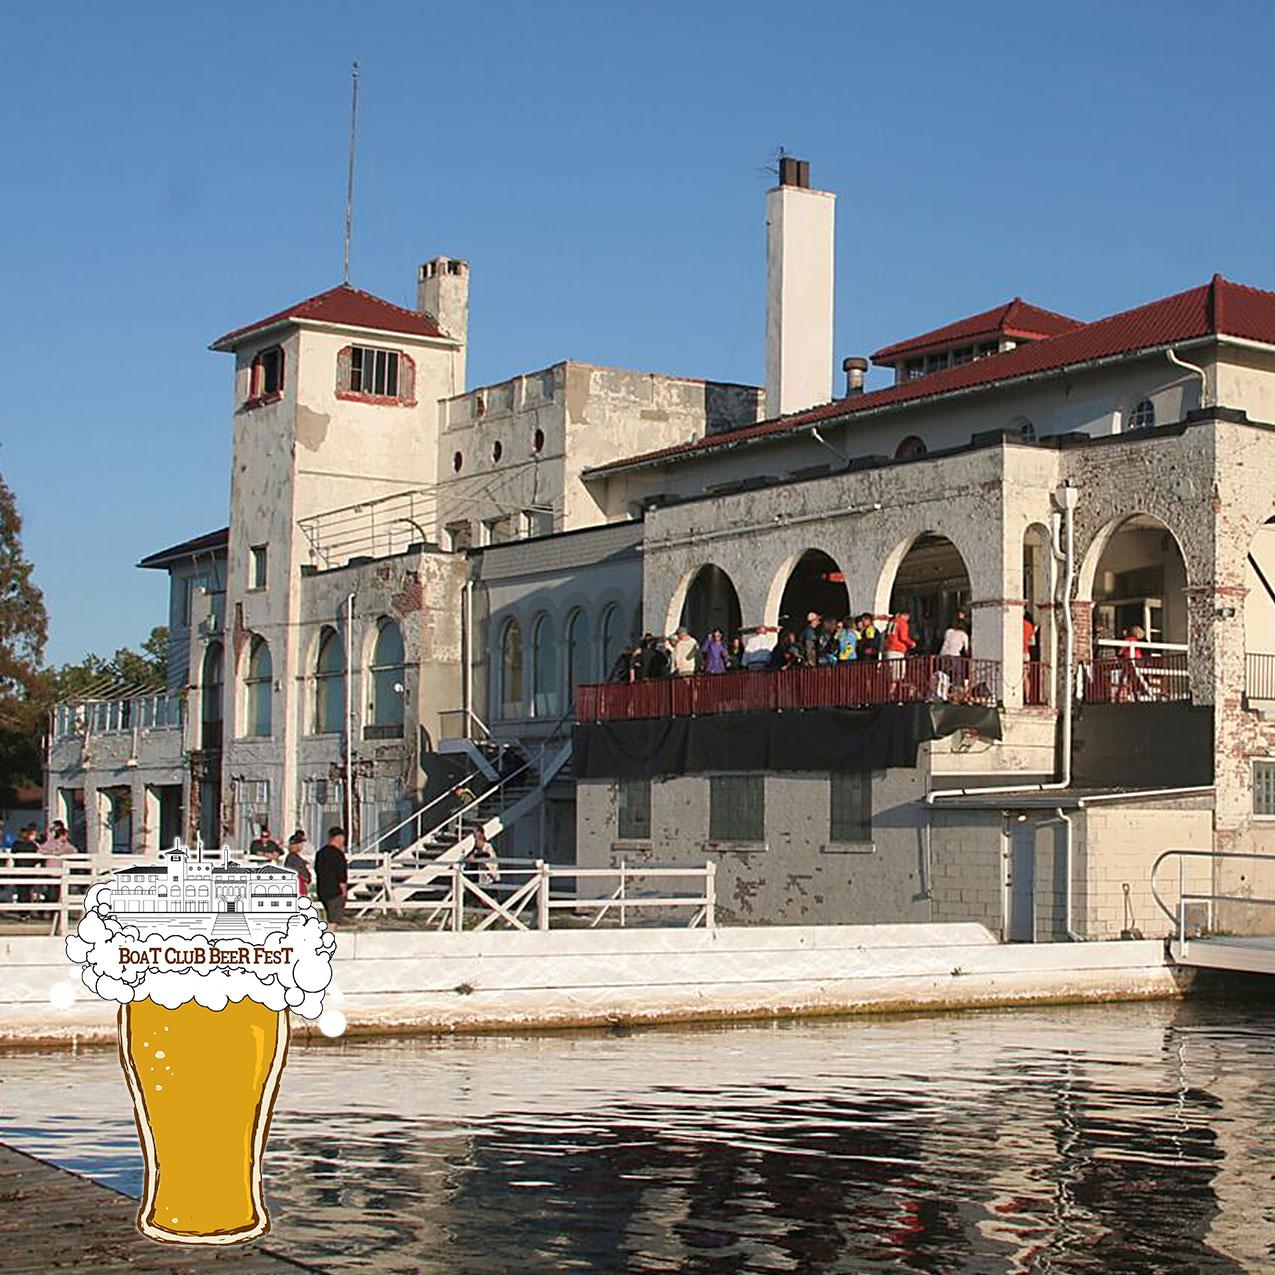 Yacht Club Beer: Detroit Boat Club Beer Fest 2018